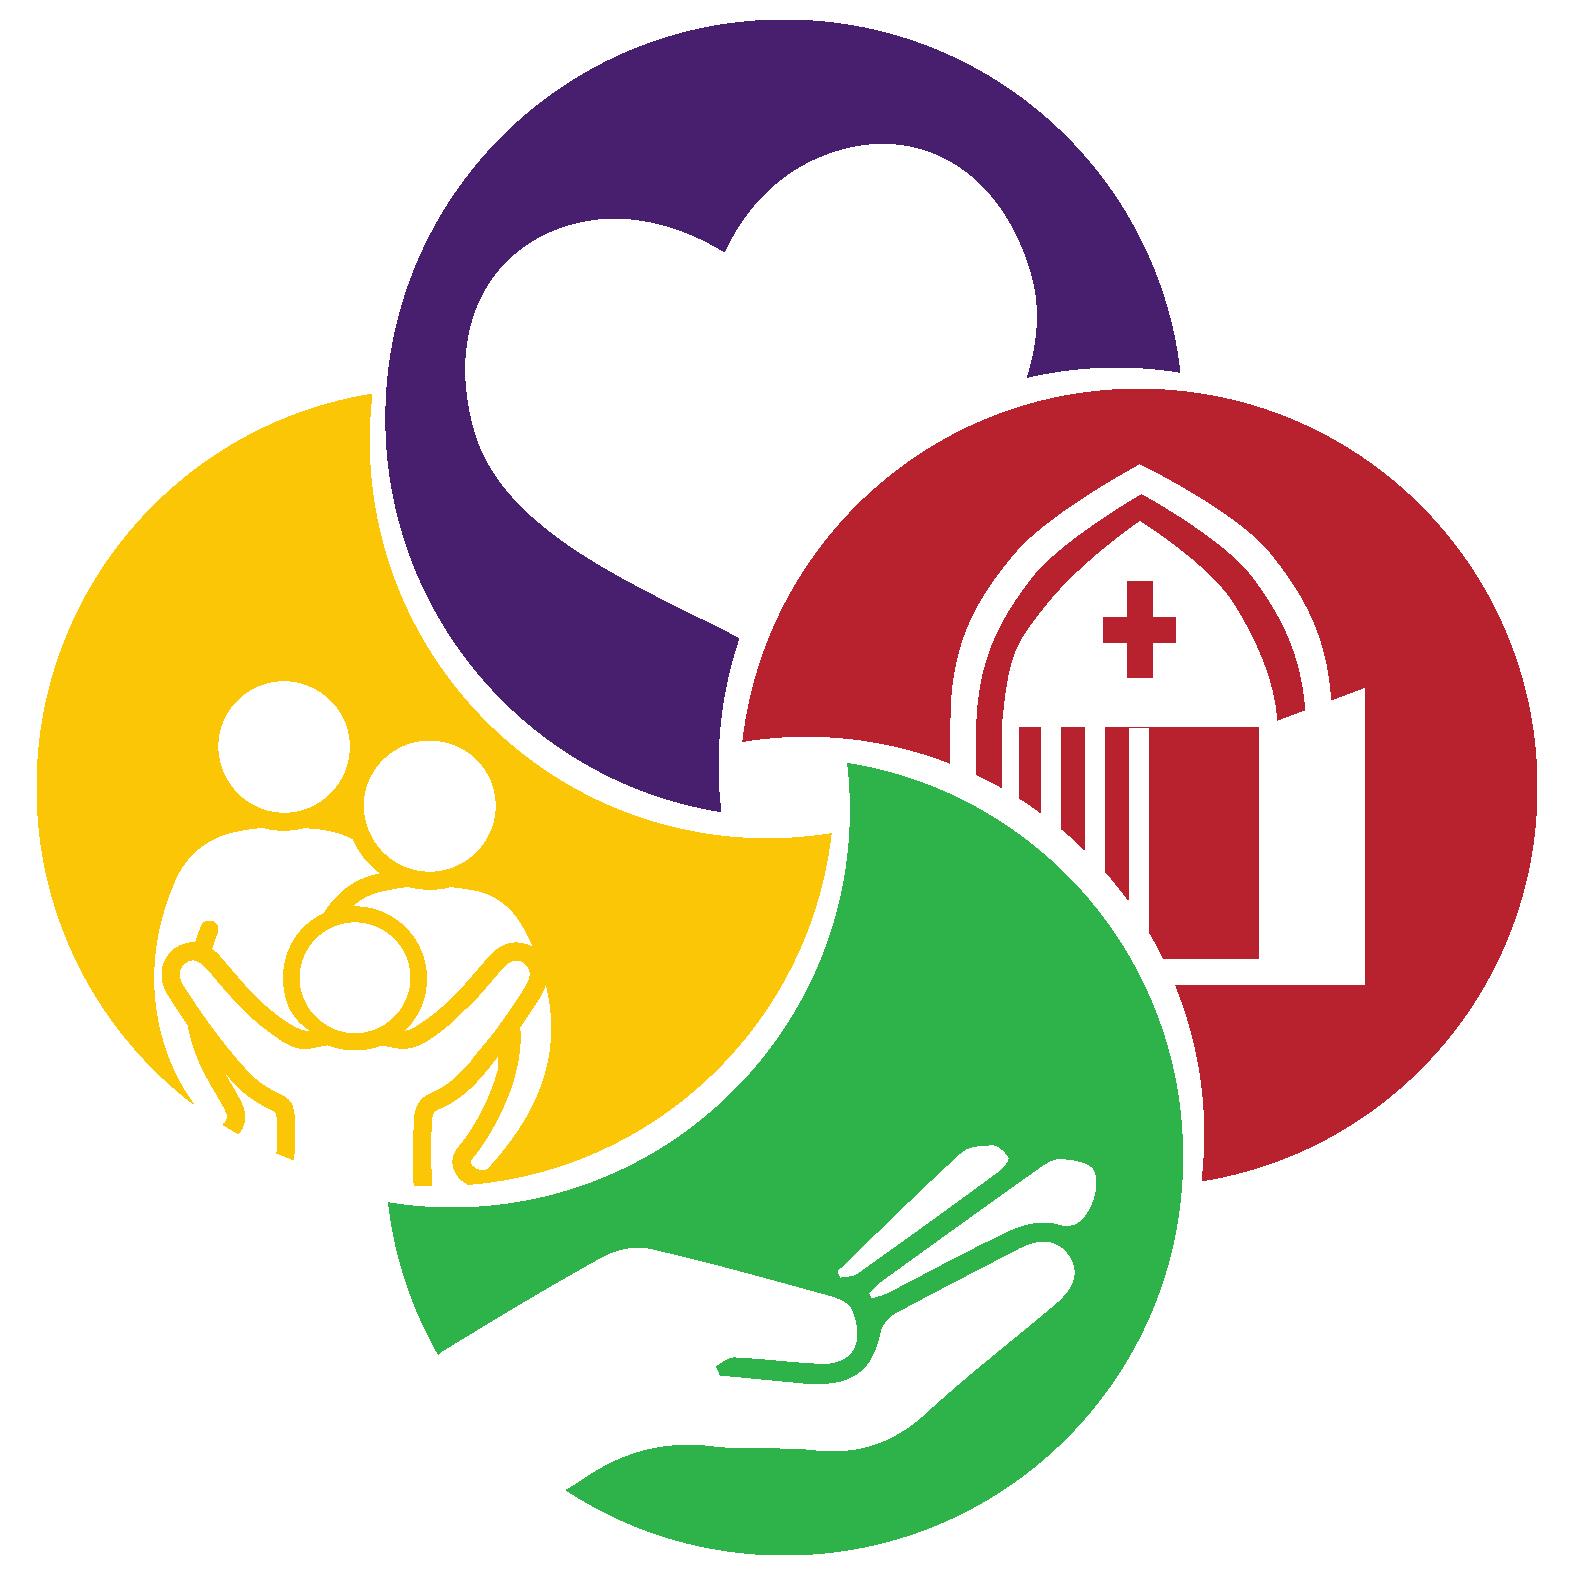 ECF-Logo-Mark-1575x1575.png